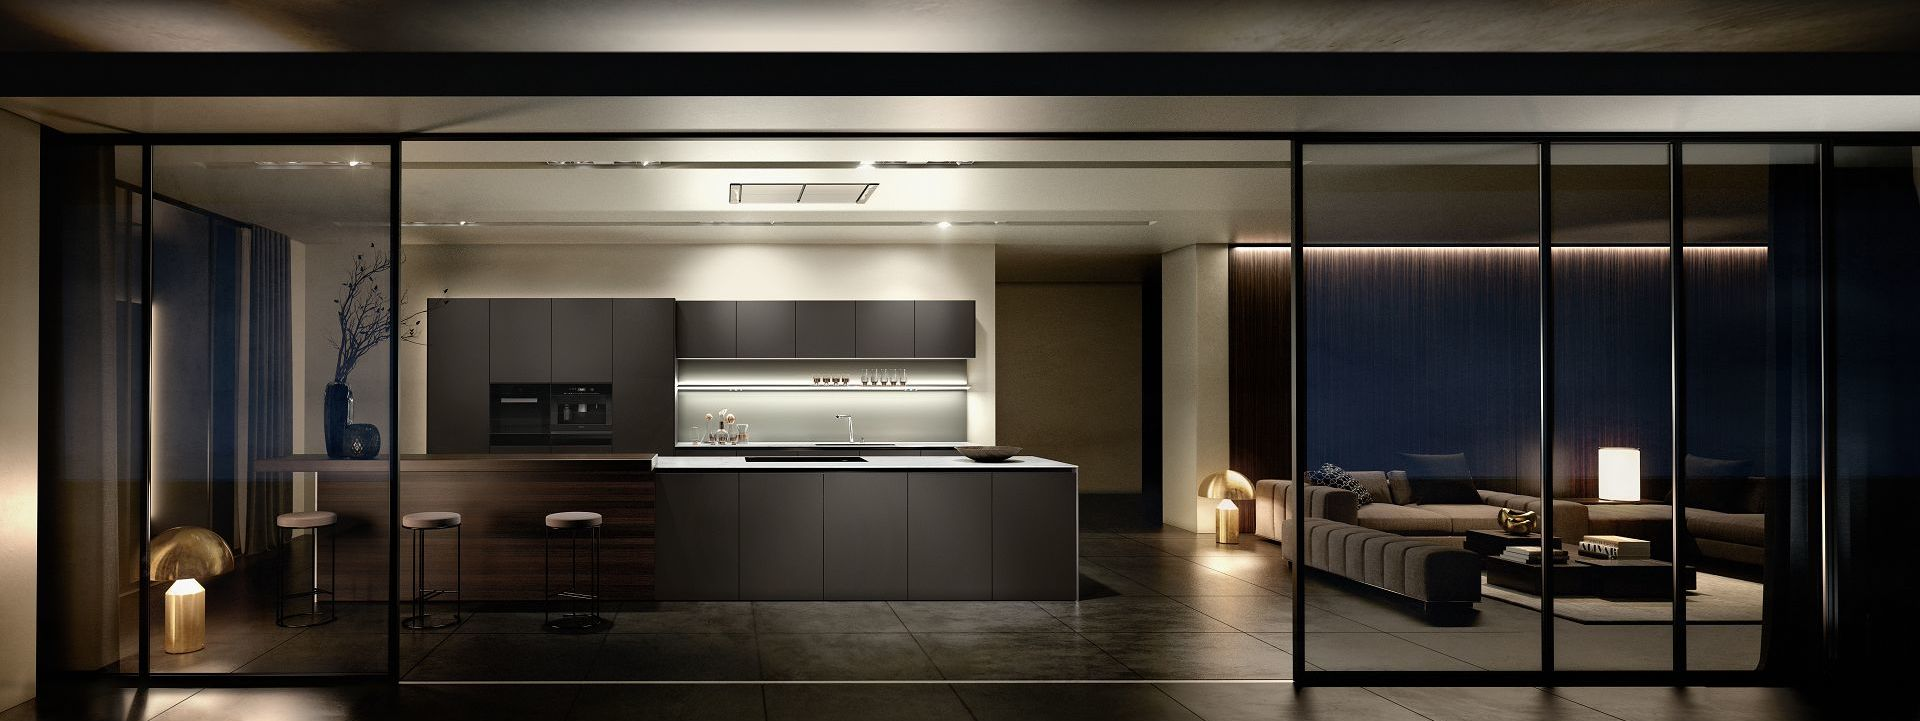 Design di cucine SieMatic di prim'ordine: forme, proporzioni e materiali dalla durata senza tempo.